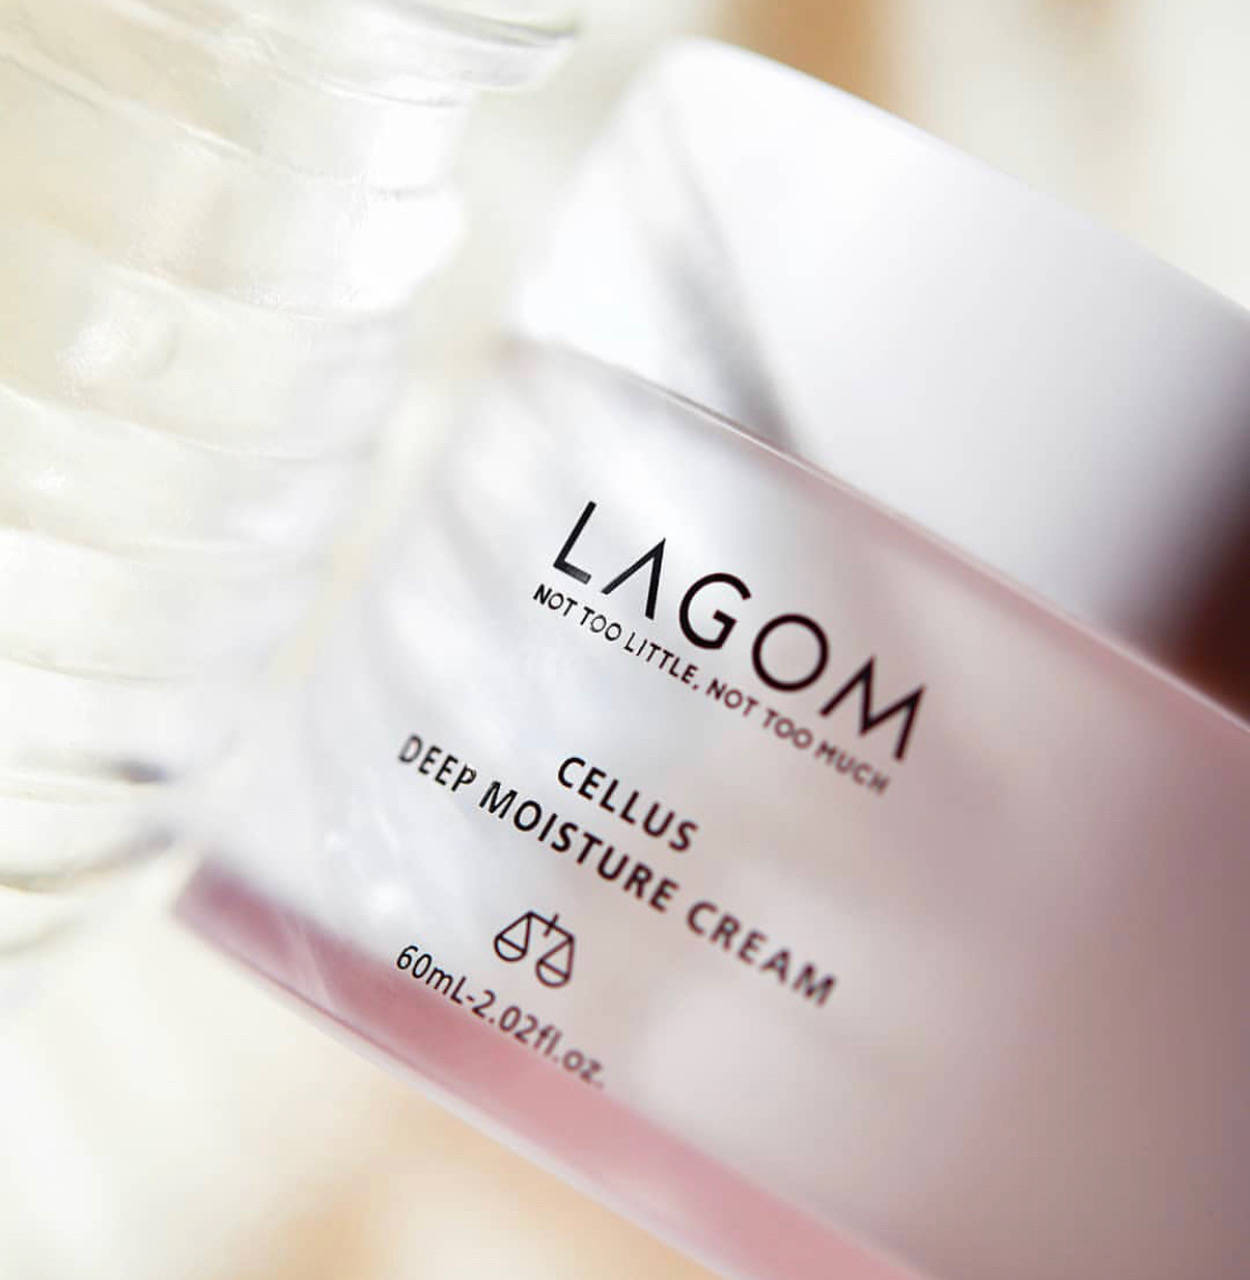 Lagom Cellus Deep Moisture Cream